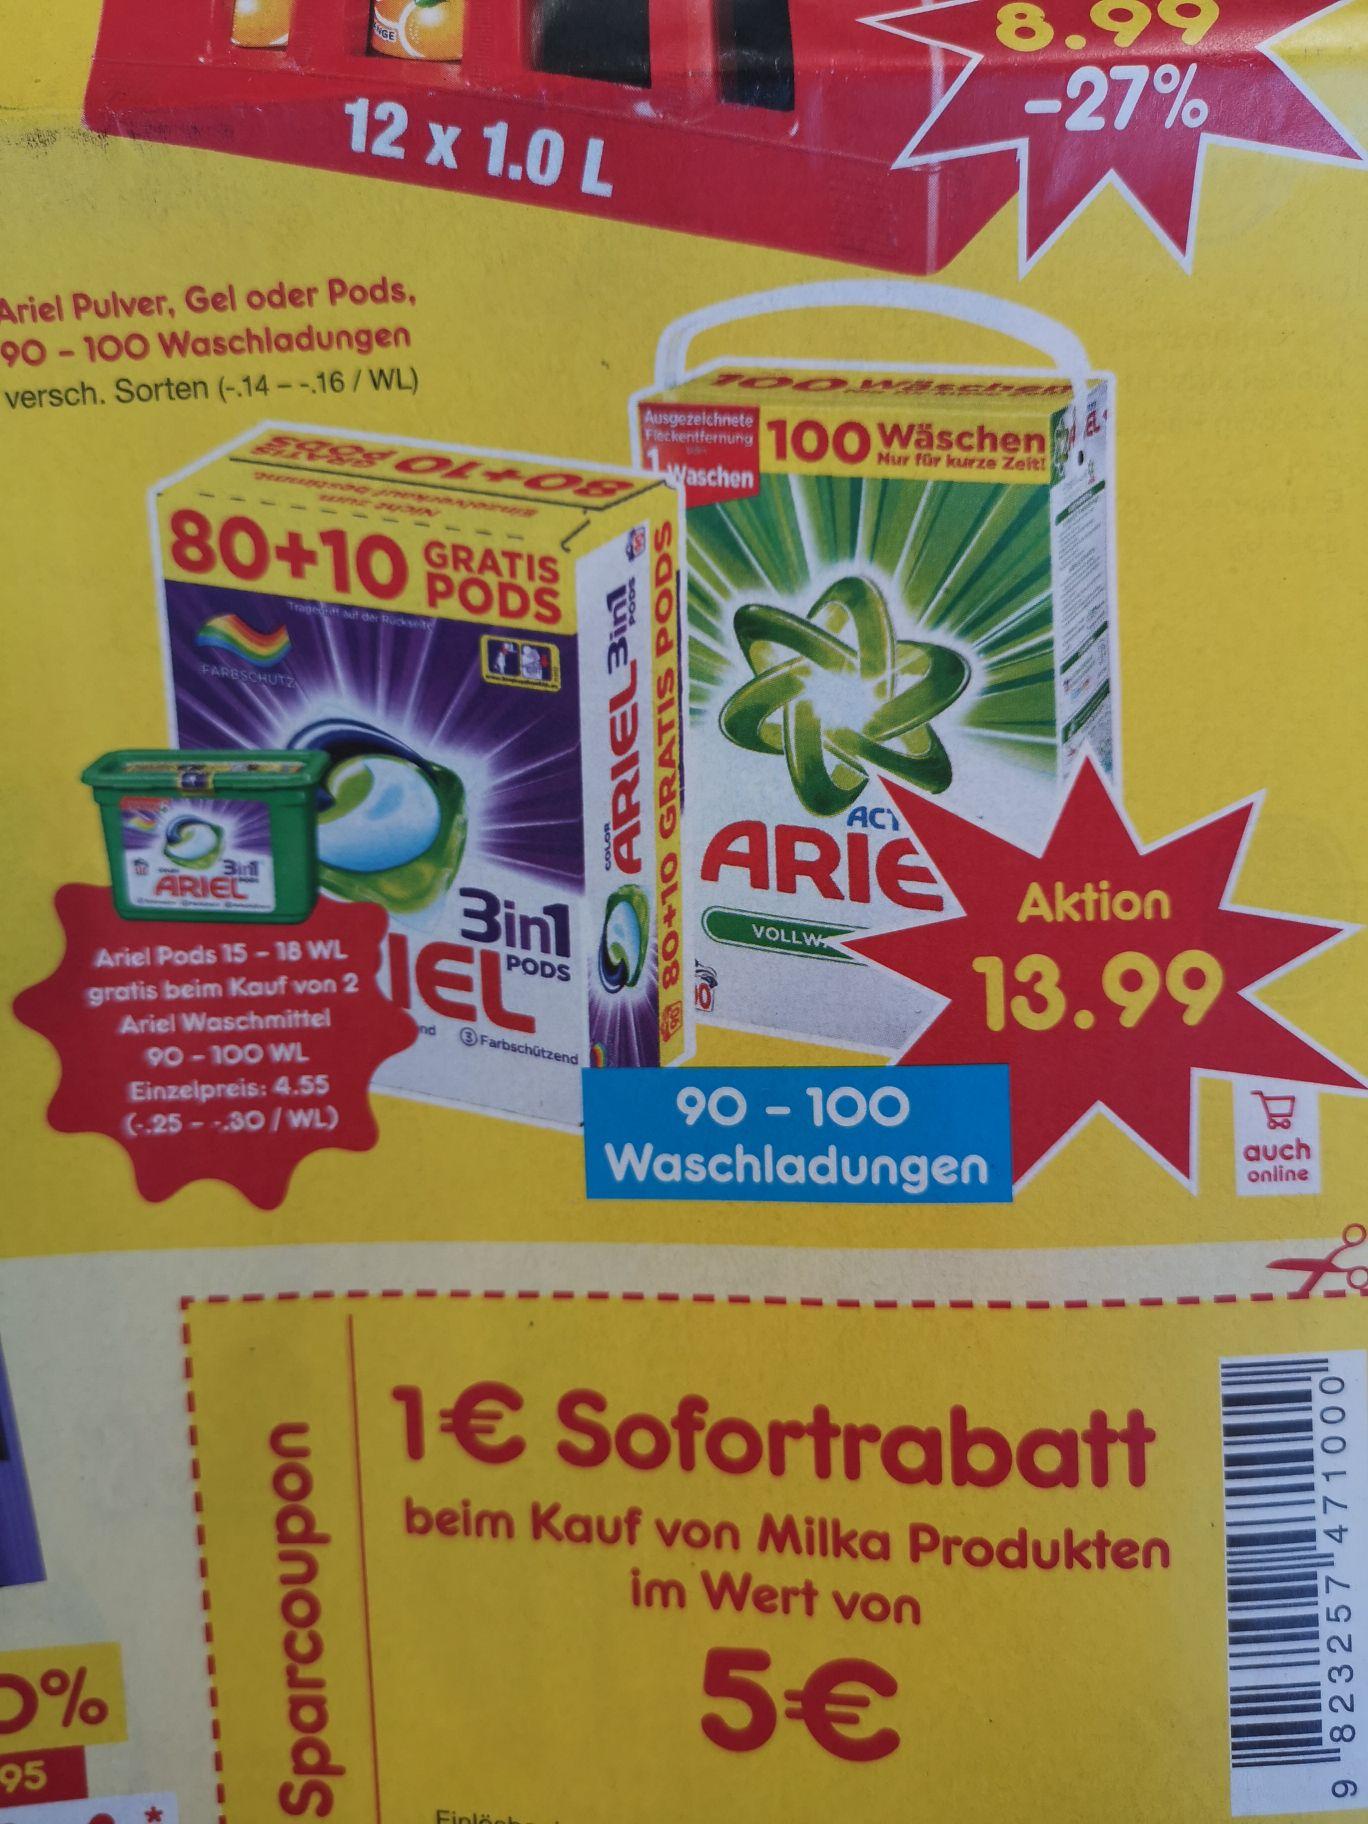 195 Ariel pods 0,14euro /st